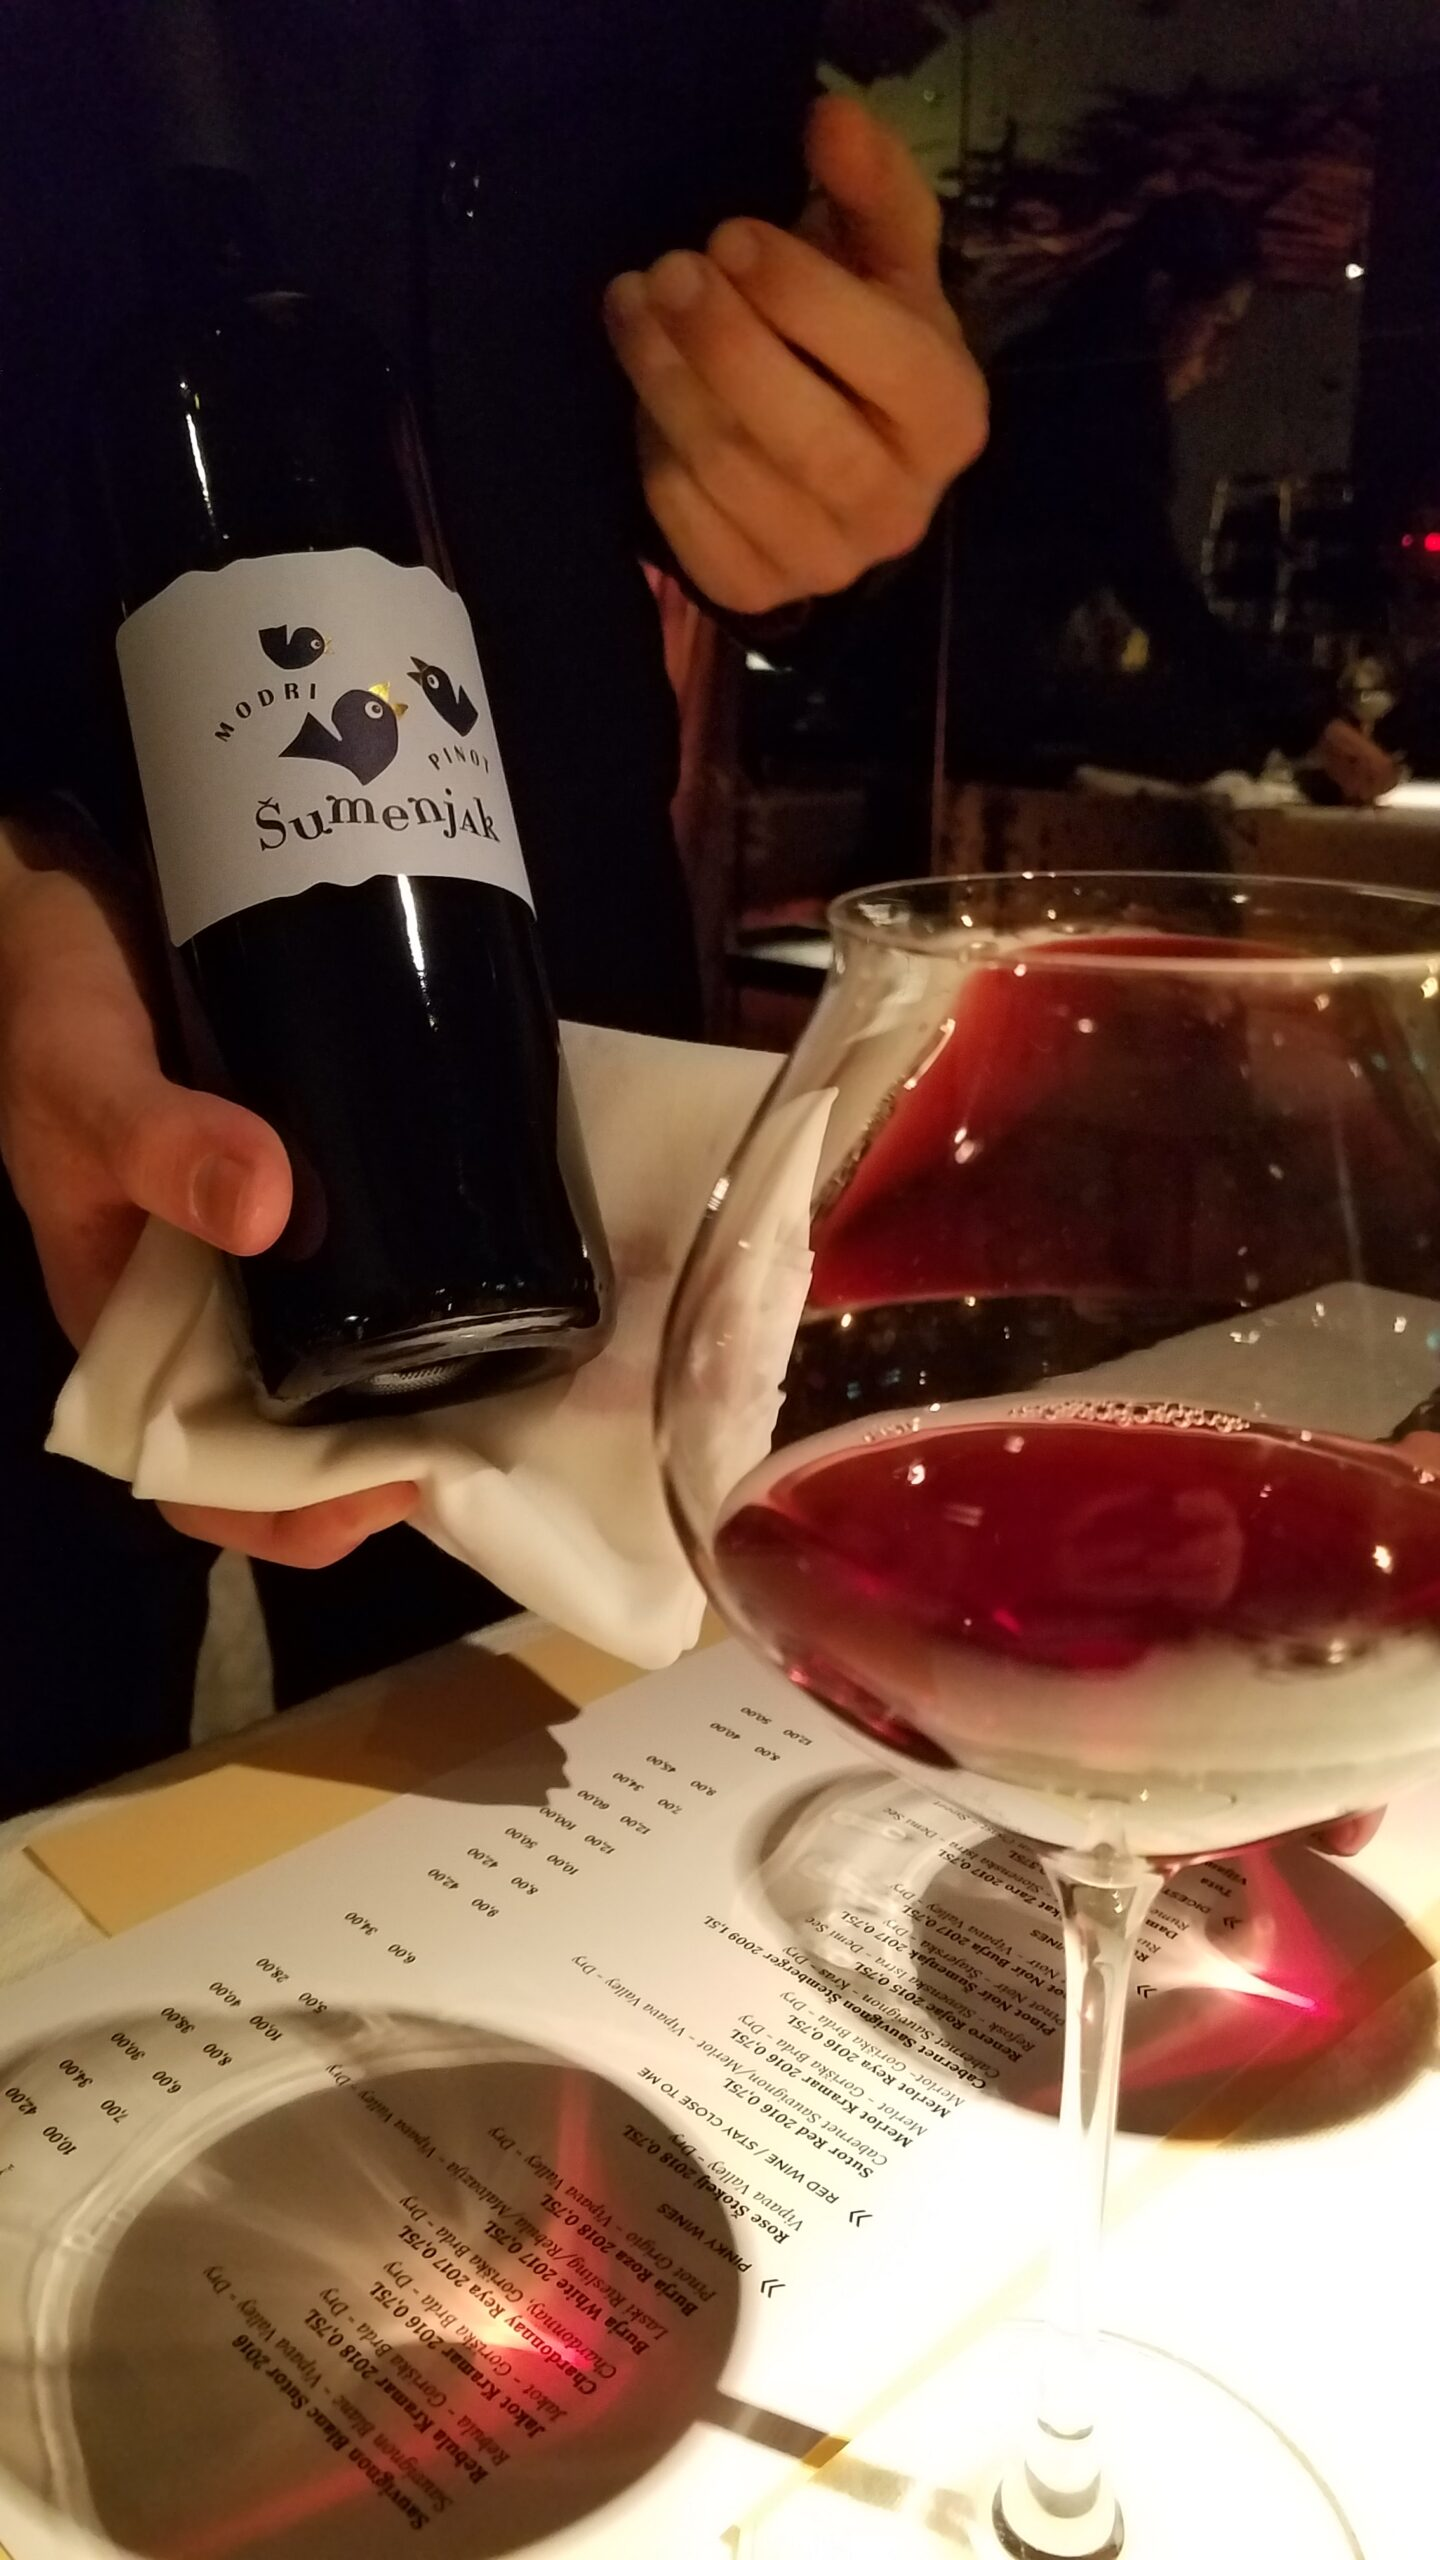 Pinot Noir Sumenjak 2017 from the Stajerska region